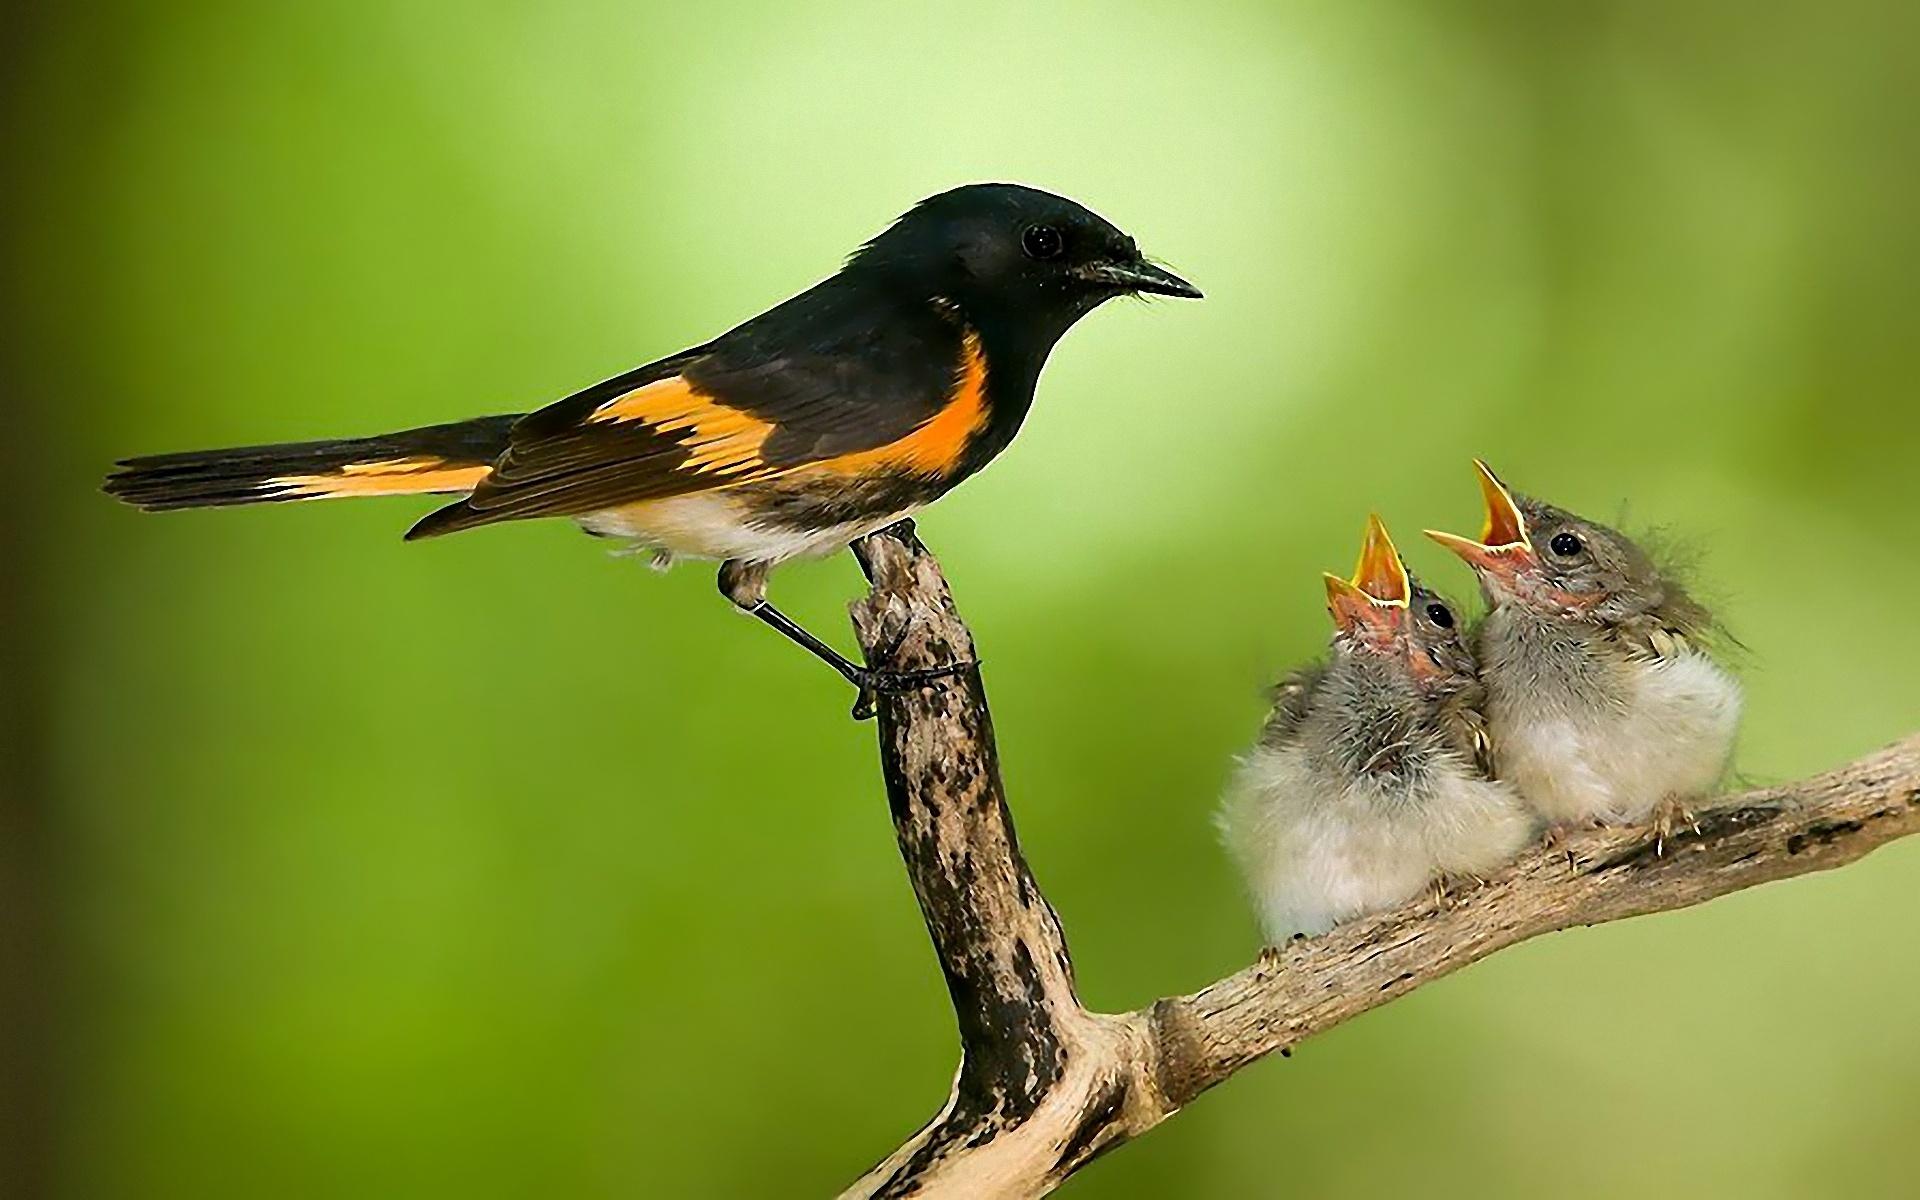 بالصور صور طيور , صور طيور غاية فى الجمال والروعة 131 9